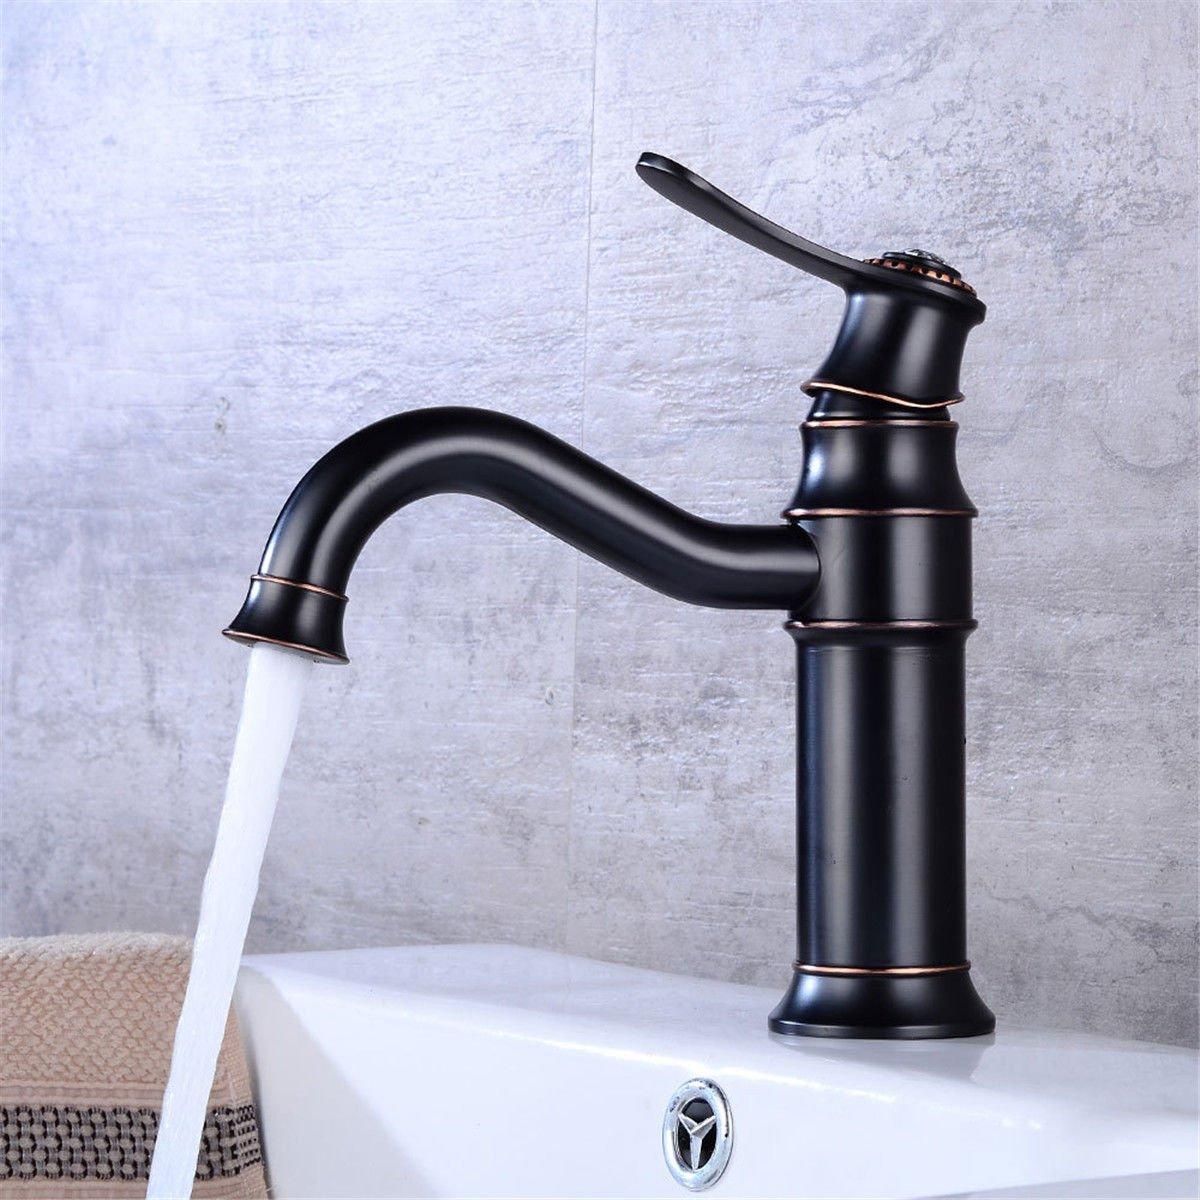 MEIBATH Waschtischarmatur Badezimmer Waschbecken Wasserhahn Küchenarmaturen Schwarz drehbar Warmes und Kaltes Wasser Küchen Wasserhahn Badarmatur